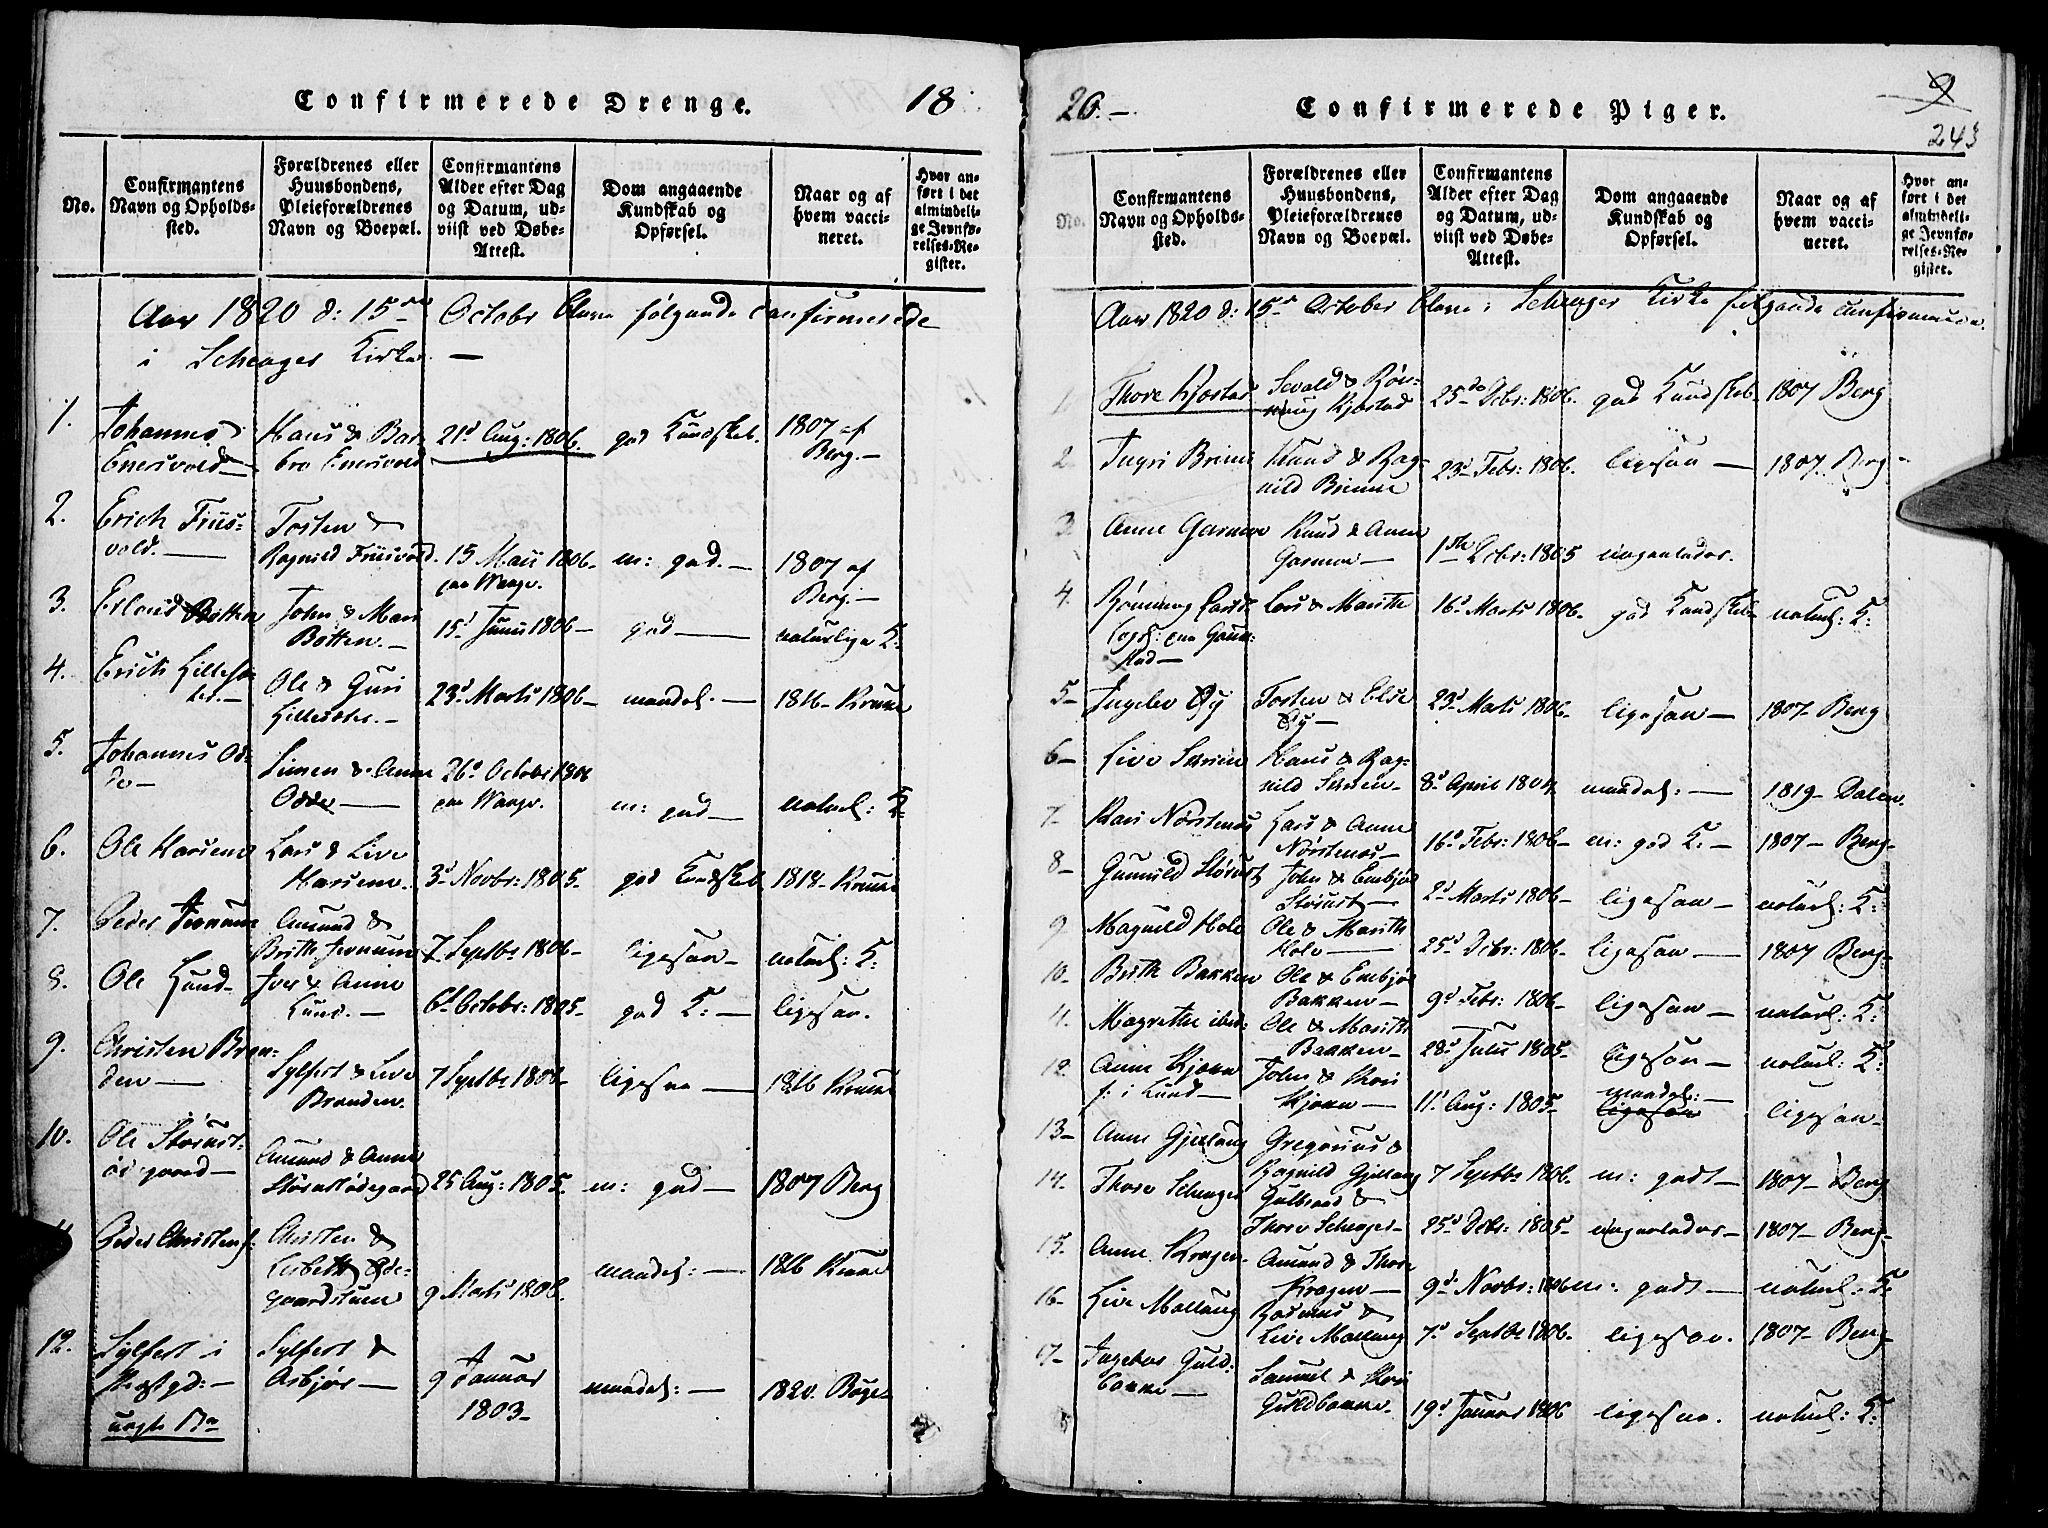 SAH, Lom prestekontor, K/L0004: Ministerialbok nr. 4, 1815-1825, s. 243